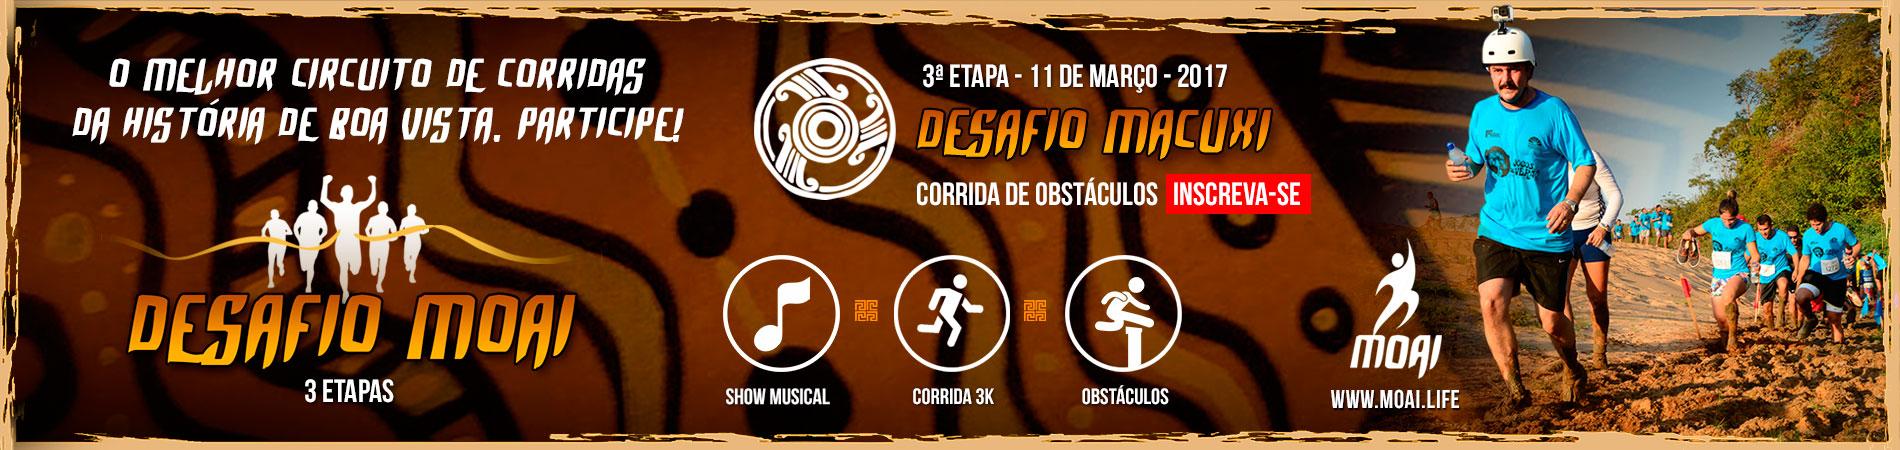 DESAFIO MOAI - ETAPA MACUXI - CORRIDA DE OBSTÁCULOS - Imagem de topo